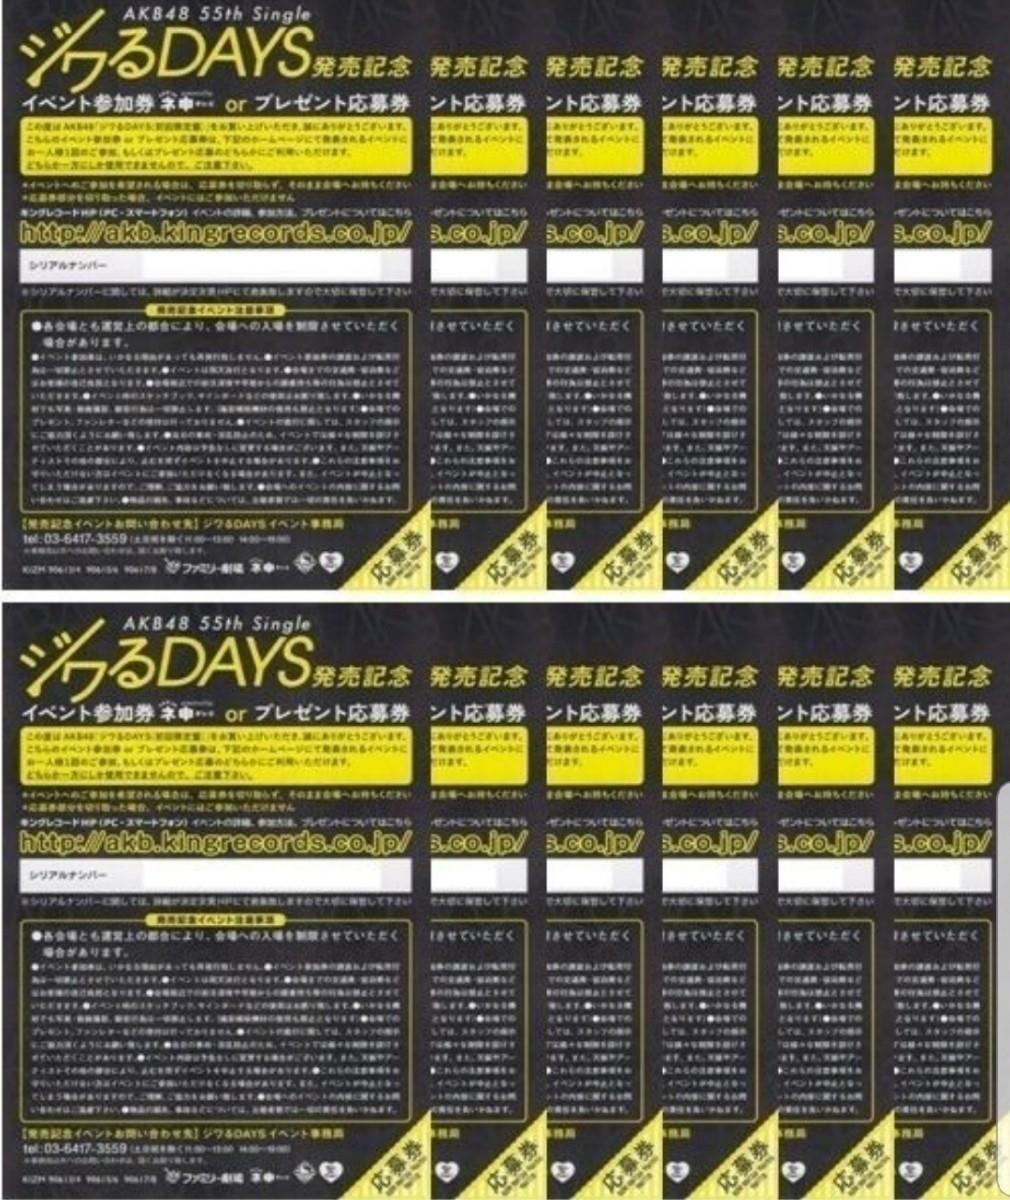 即日配送 ジワるDAYS AKB48 55th イベント参加券 全国握手券 10枚セット NO WAY MAN